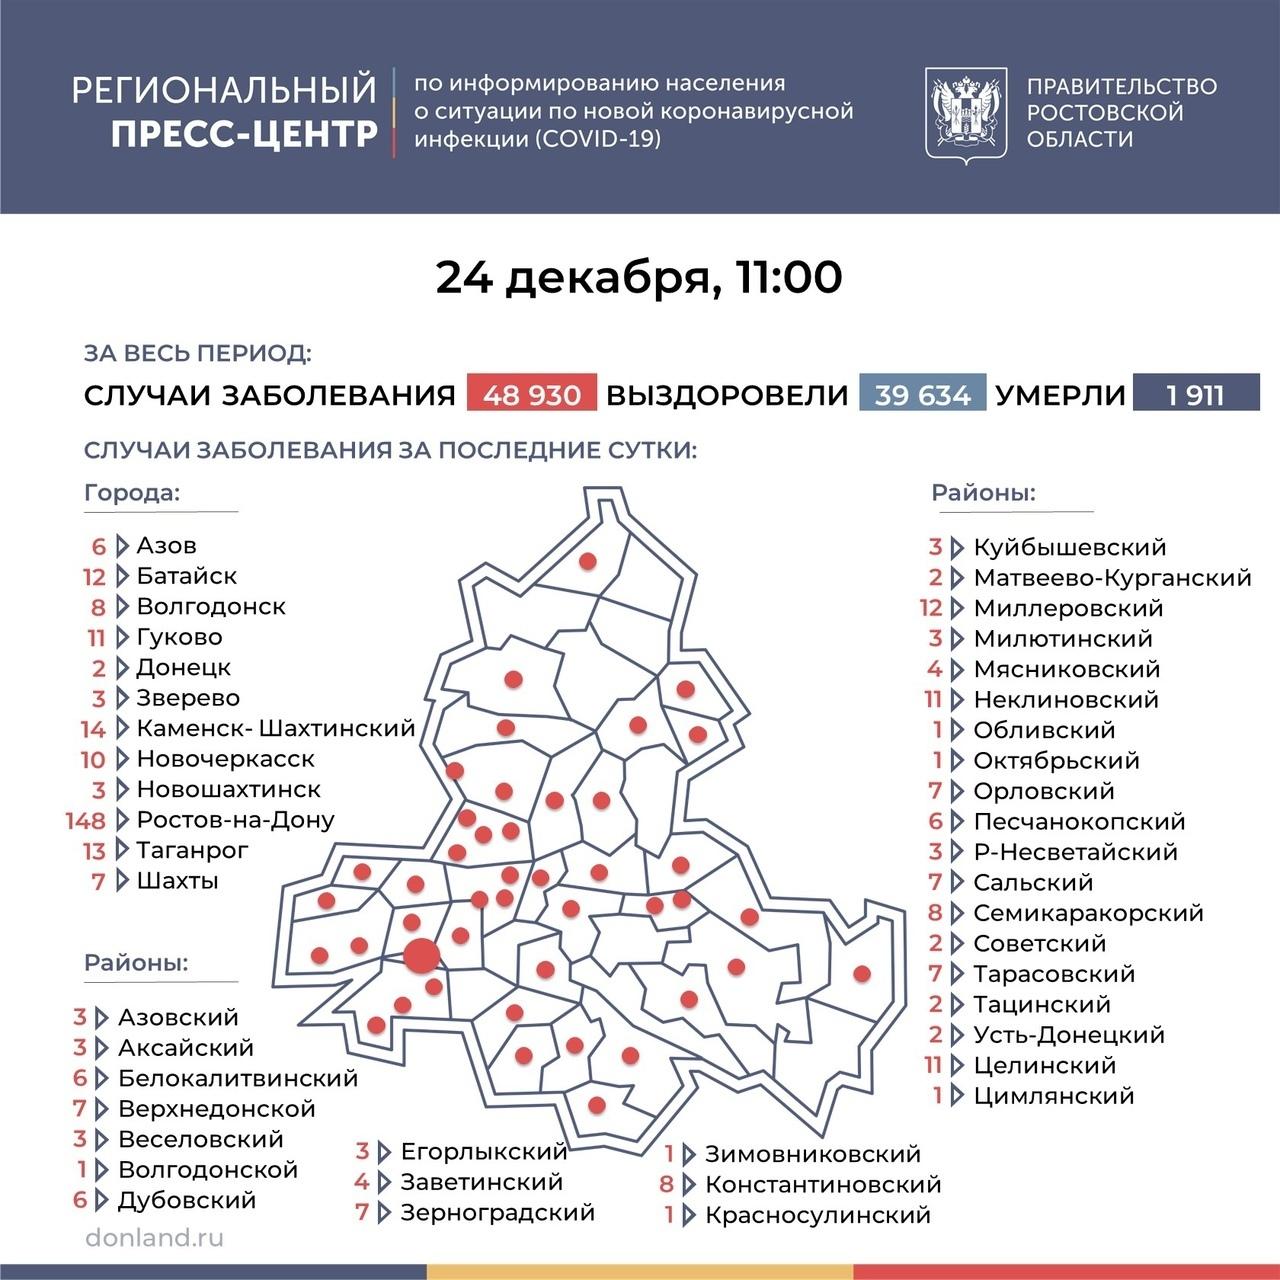 На Дону число инфицированных COVID-19 выросло на 383, в Таганроге 13 новых случаев